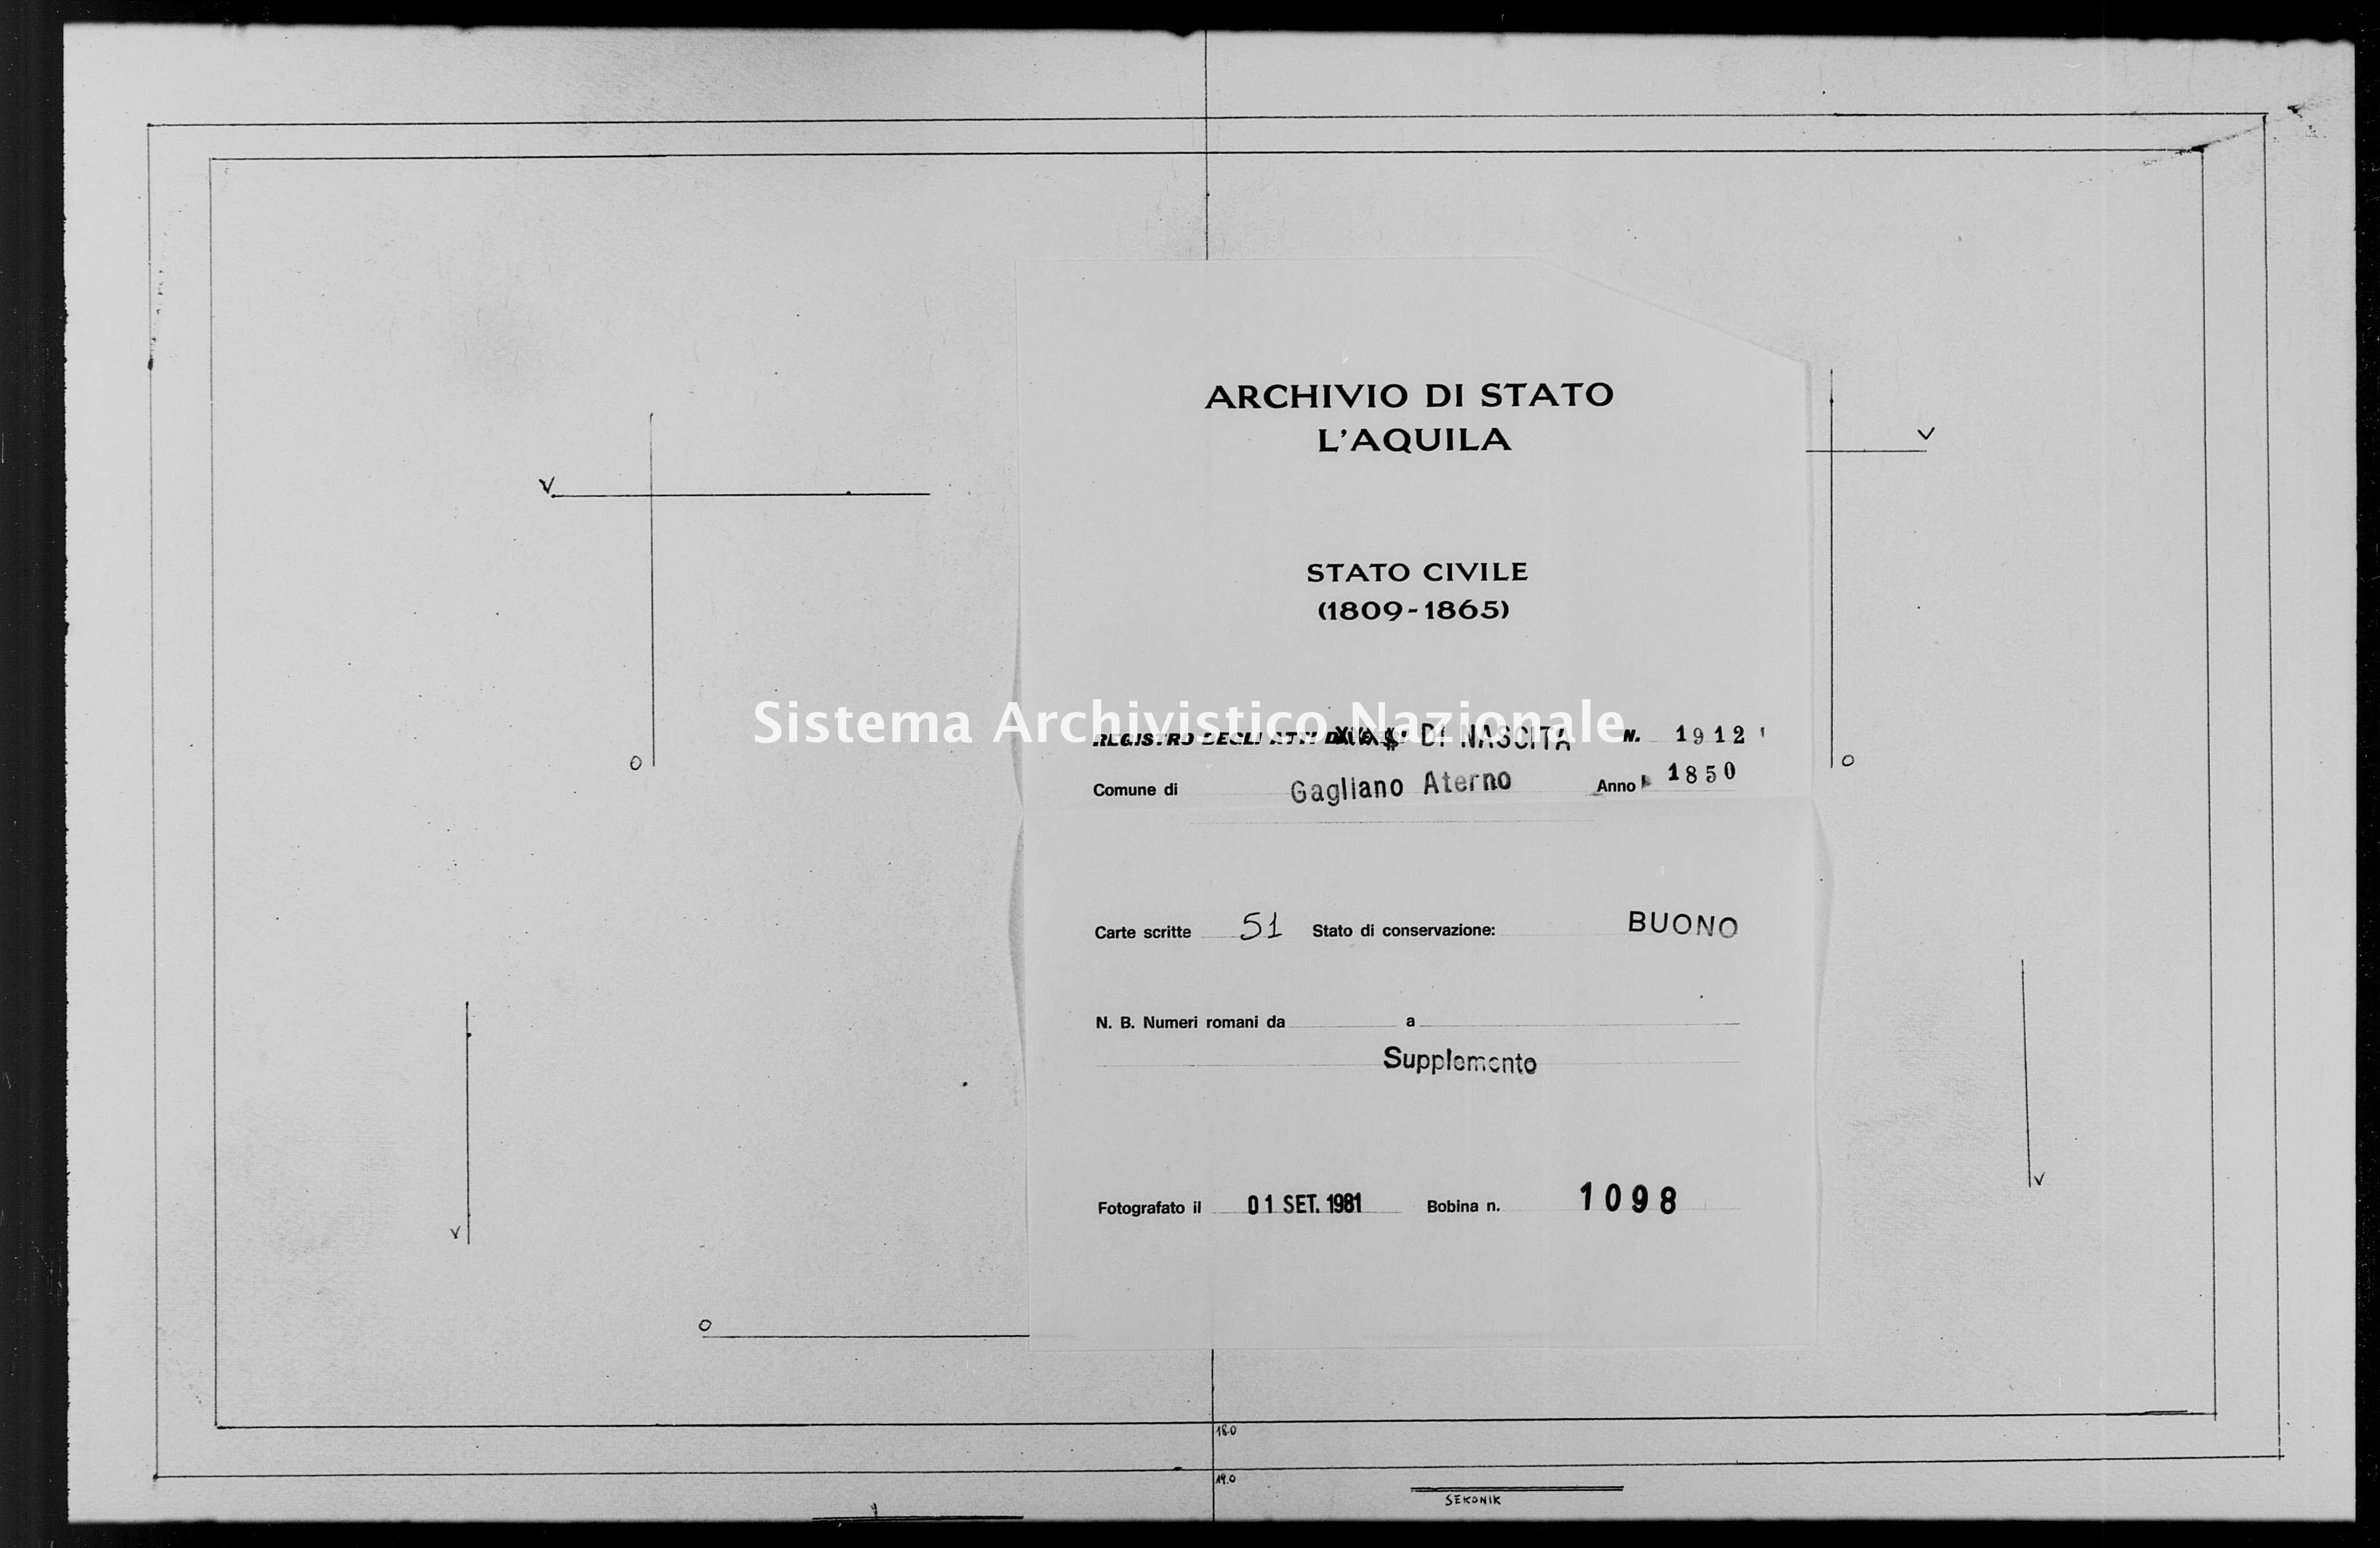 Archivio di stato di L'aquila - Stato civile della restaurazione - Gagliano Aterno - Nati, battesimi - 1850 - 1912 -